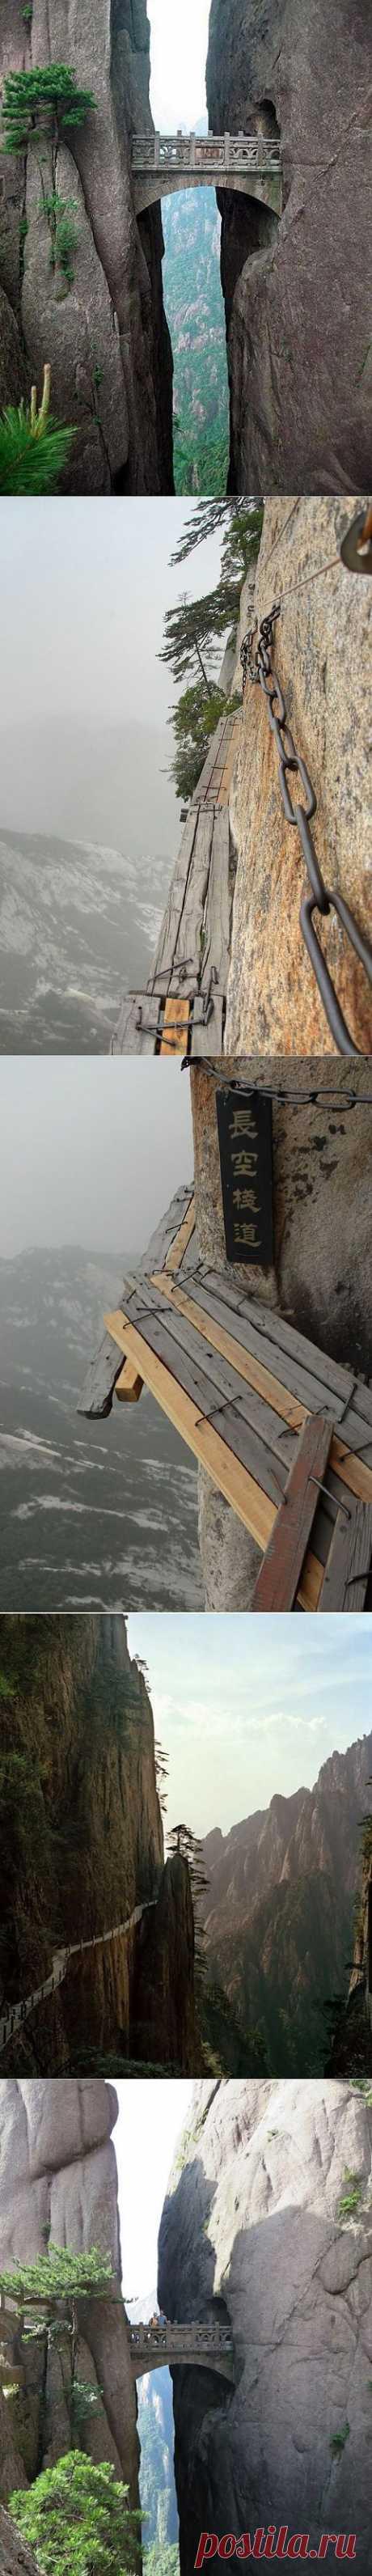 Дорога в Желтых горах, от которой захватывает дух | ТУРИЗМ И ОТДЫХ